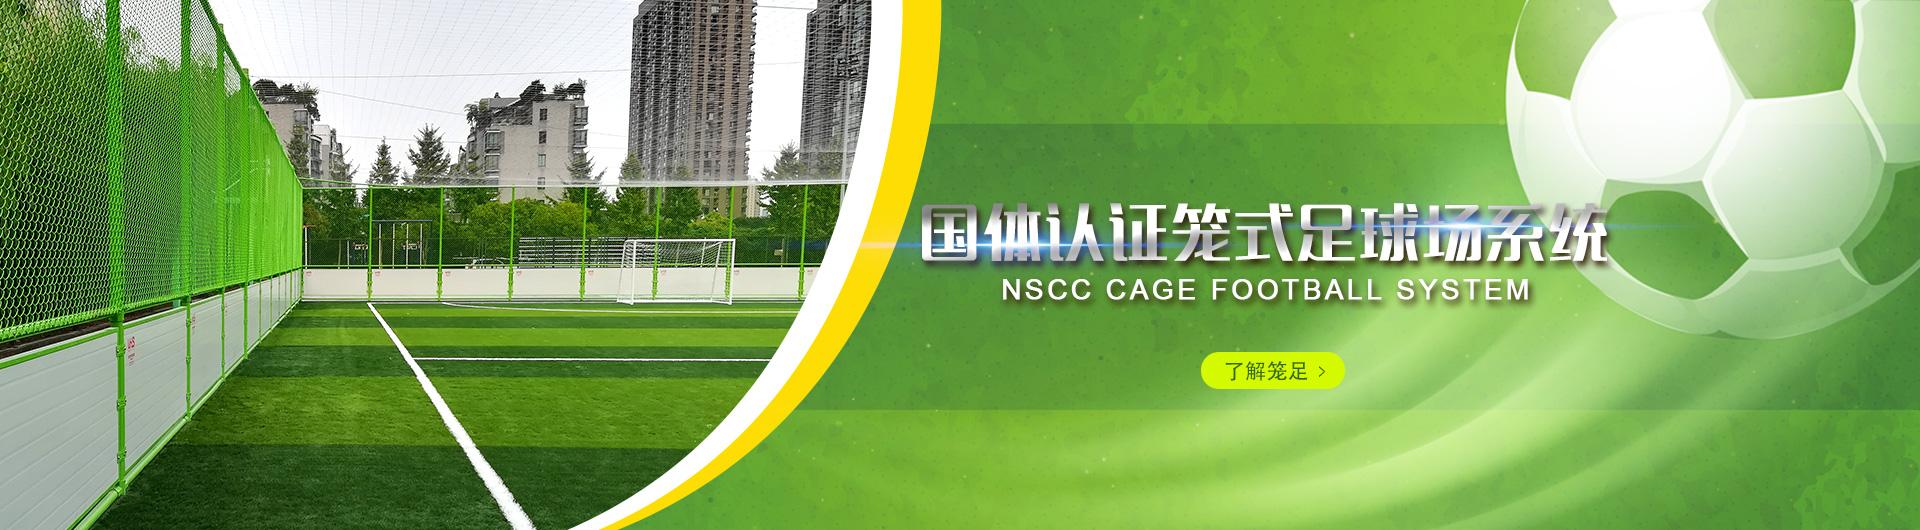 国体认证竞技宝手机端足球场系统